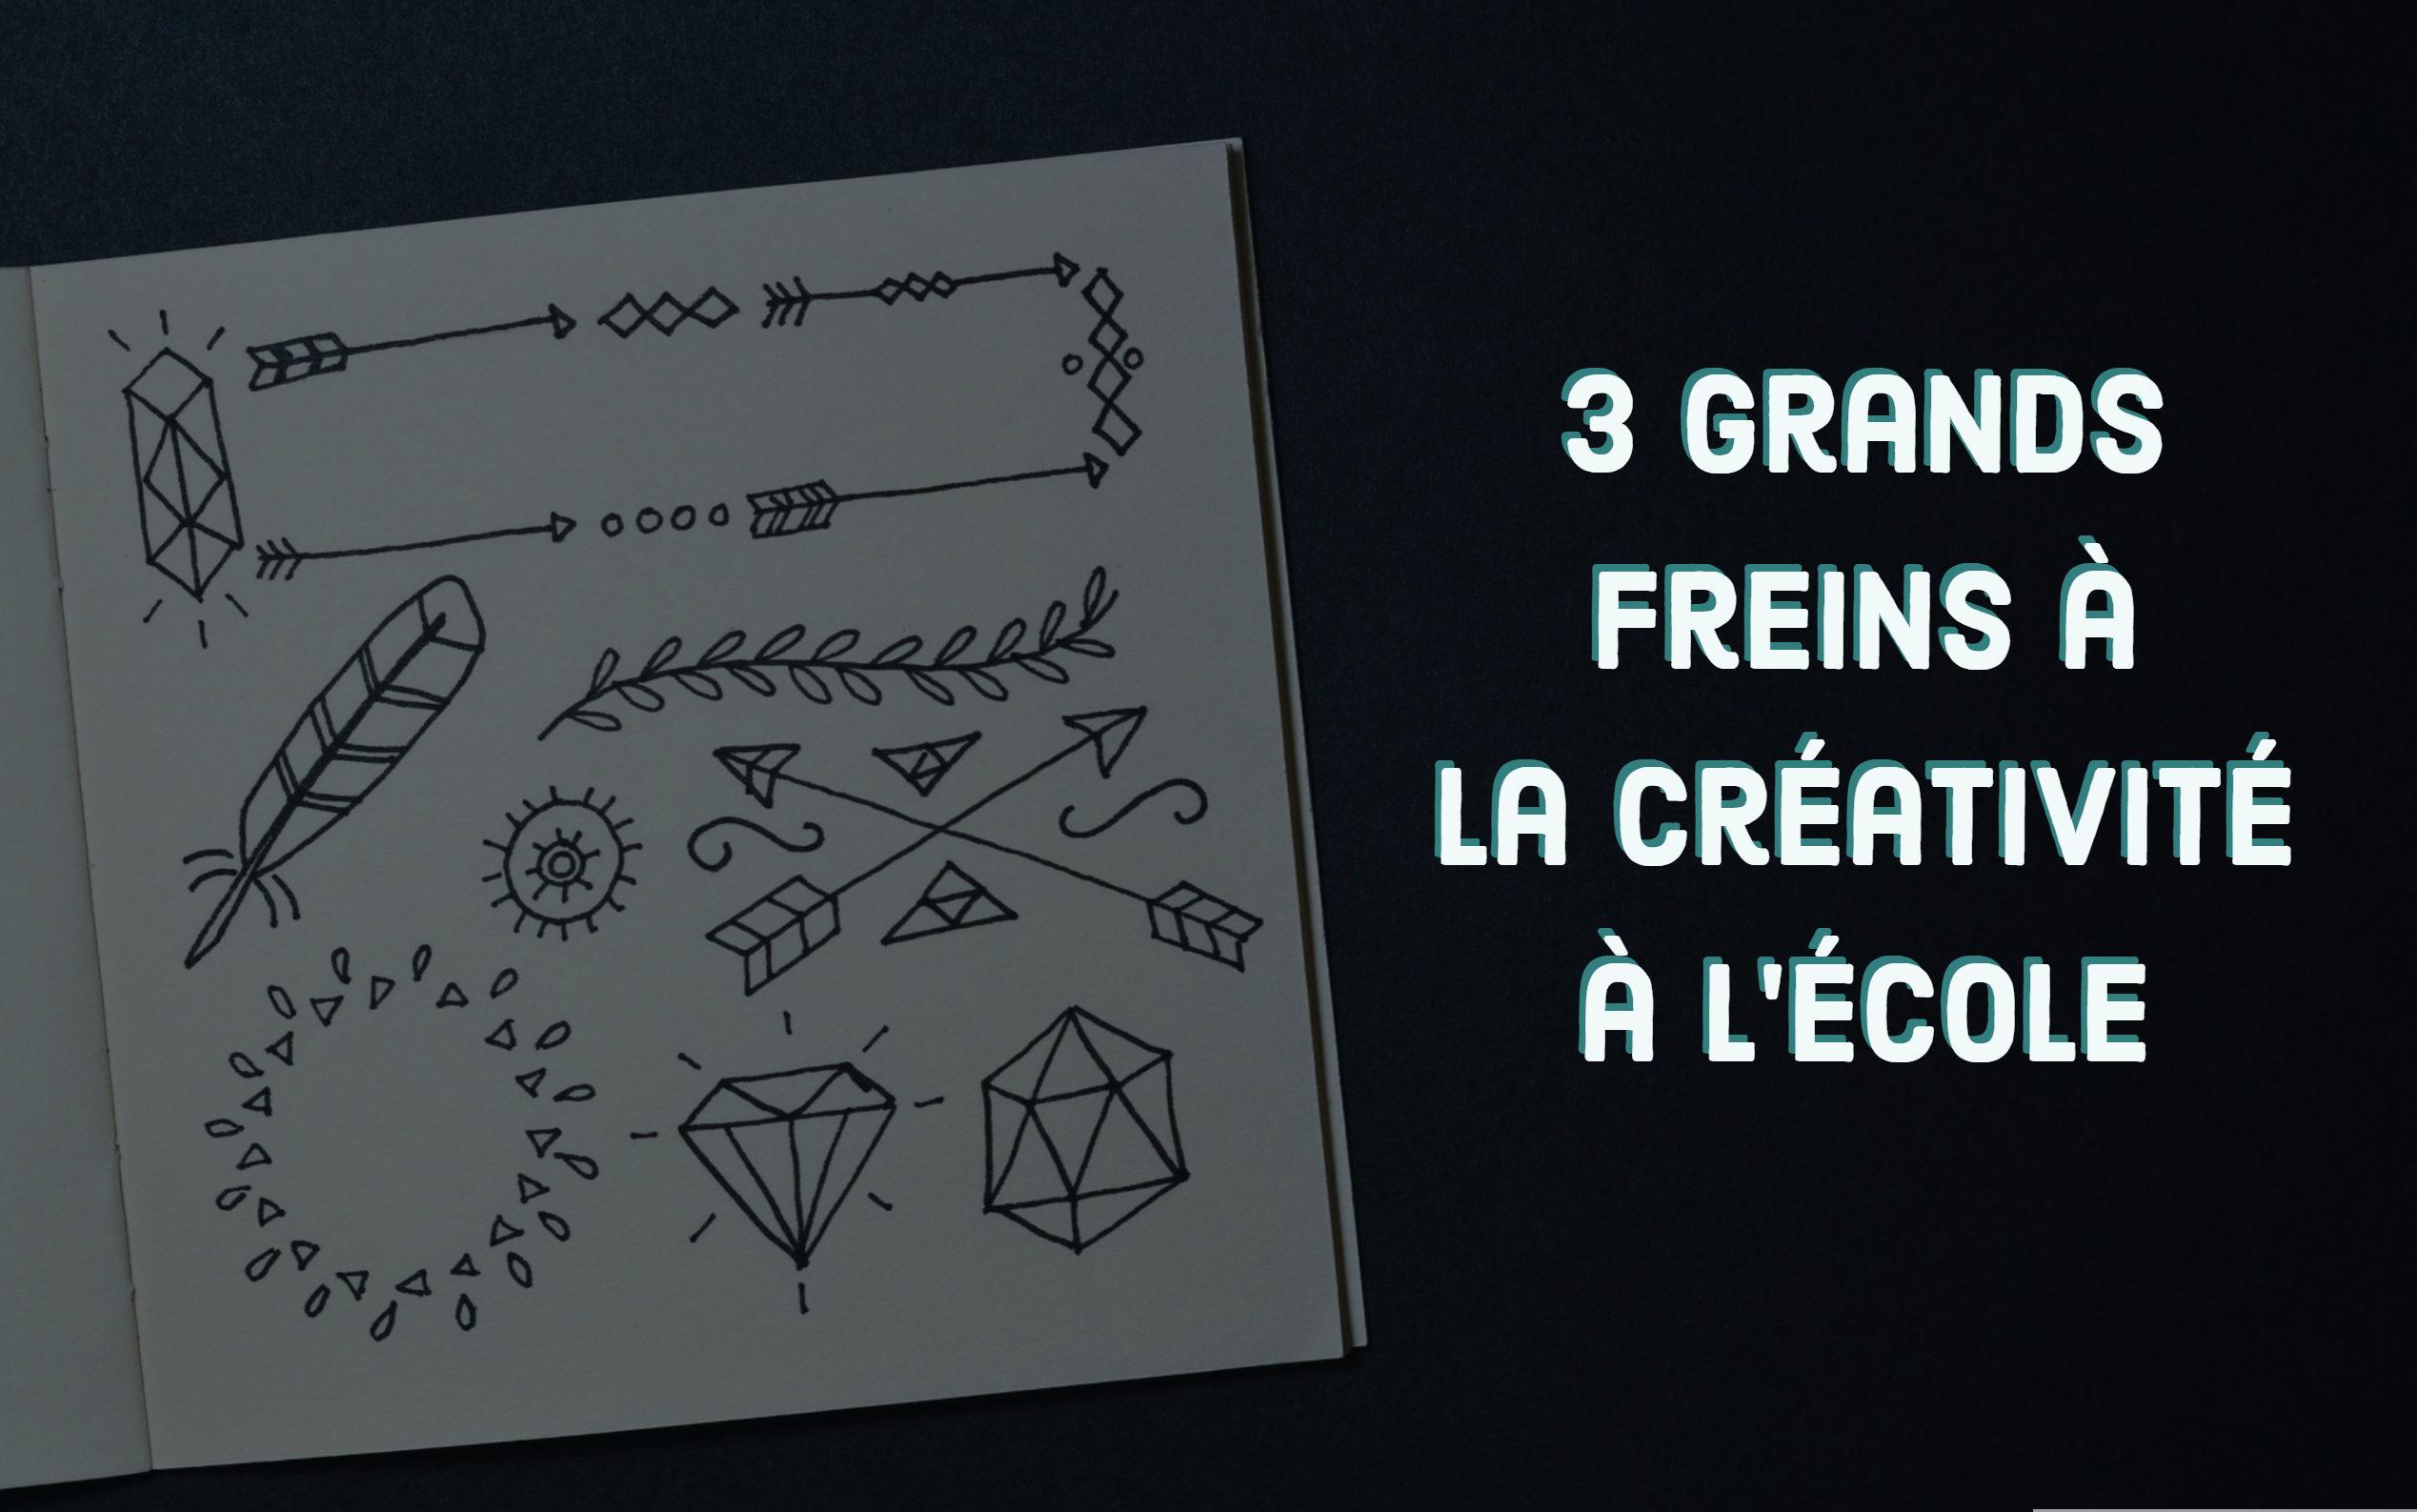 3 grands freins à la créativité à l'école